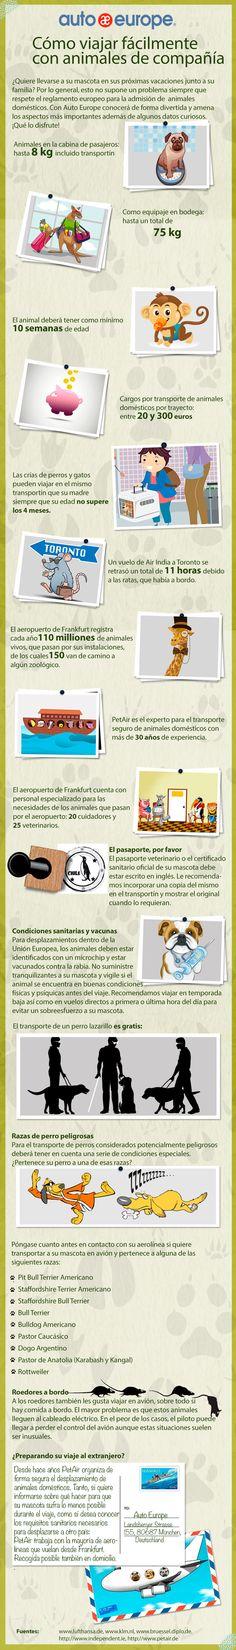 Infografía: Cómo viajar fácilmente con animales de compañía - Consulte nuestras infografías aquí: http://www.autoeurope.es/go/infografias/